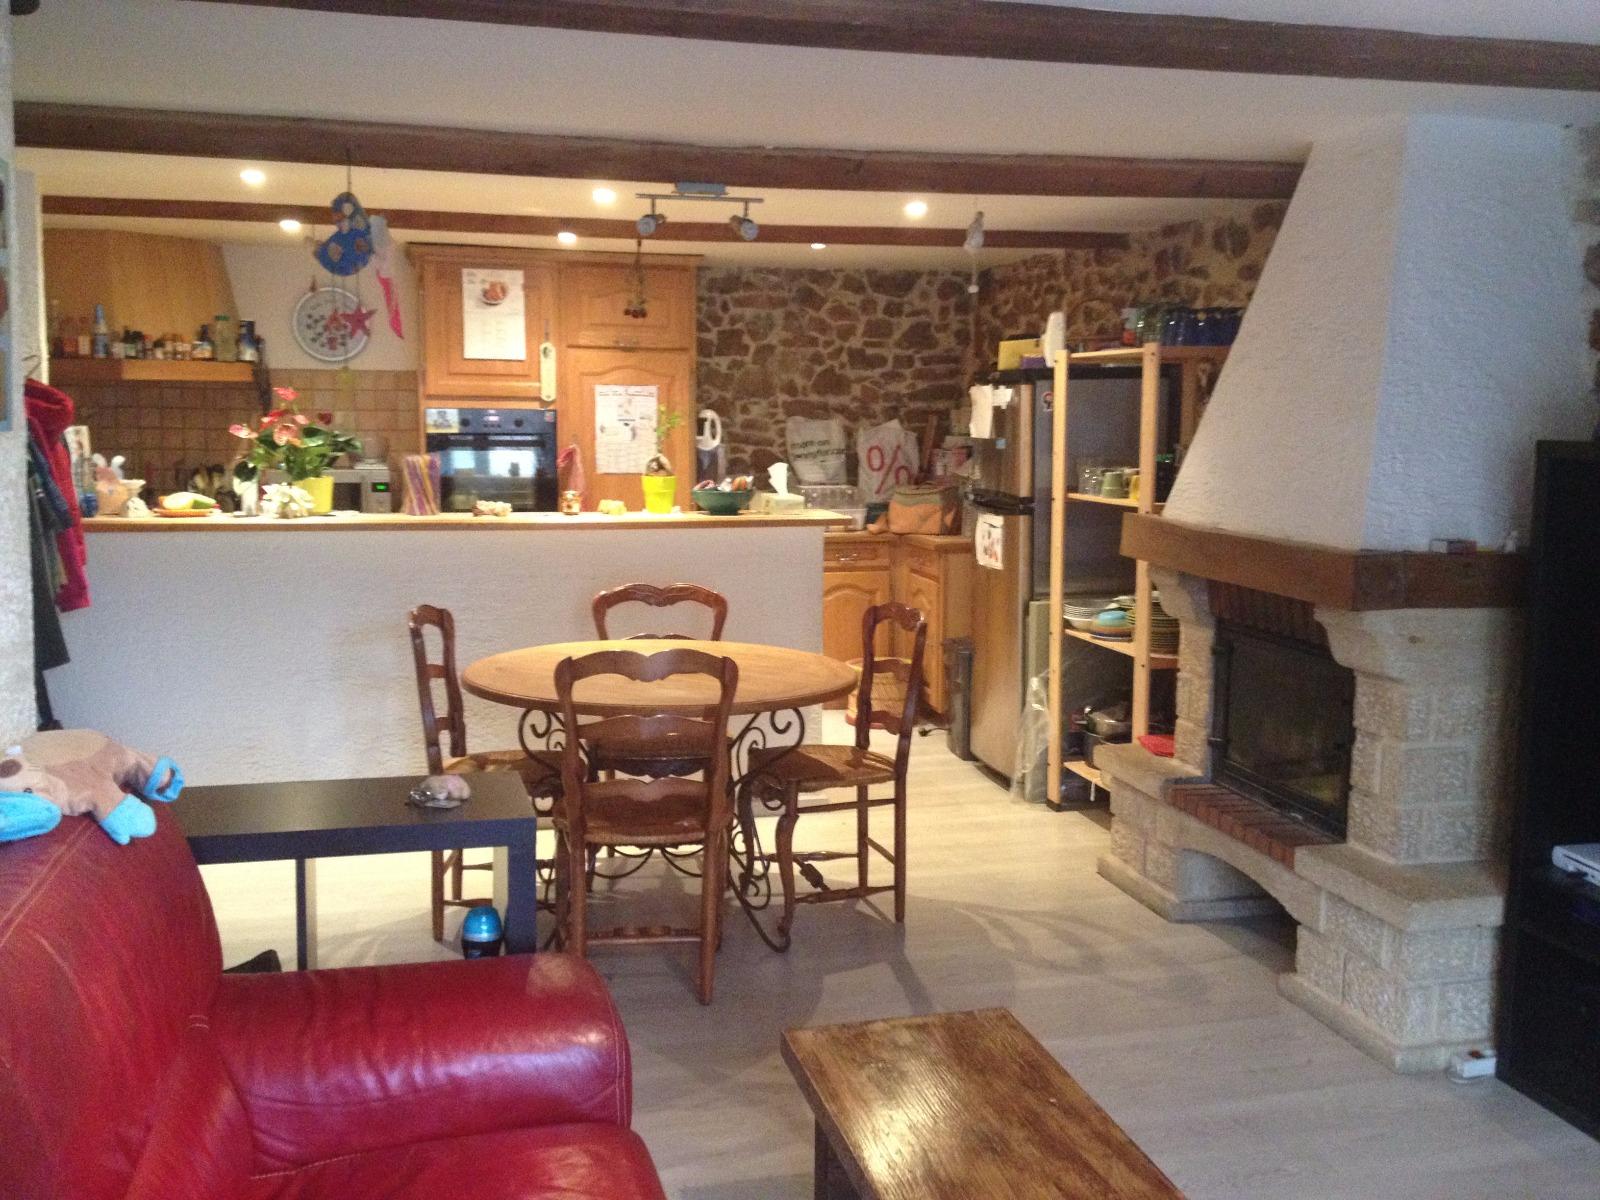 Vente maison de village Flassans Sur Issole (83340), 75m² avec 4 ...